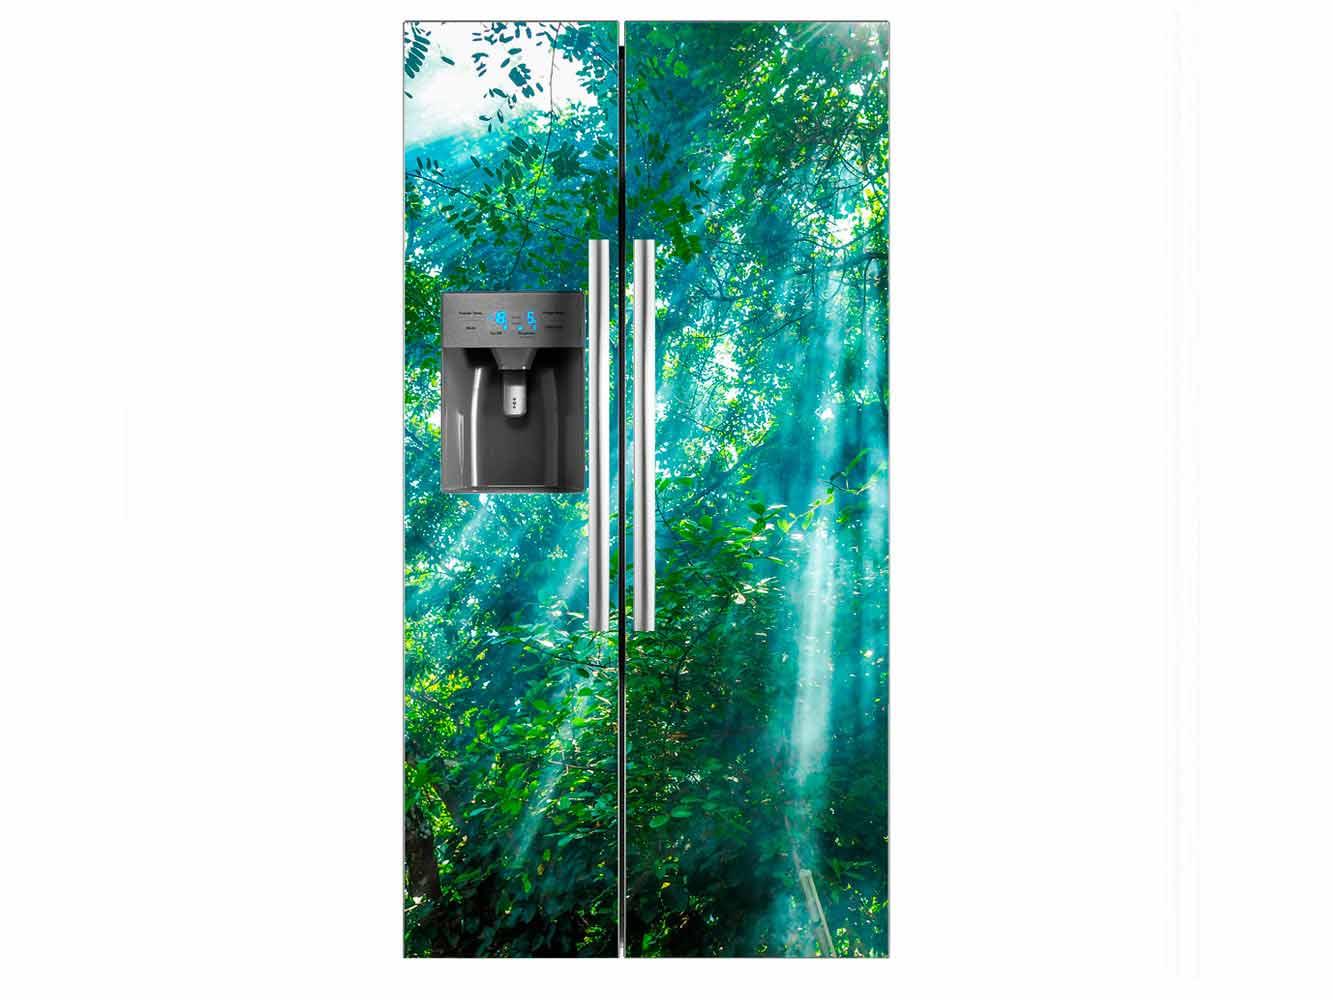 Vinilo Frigorífico Selva Iluminada | Carteles XXL - Impresión carteleria publicitaria